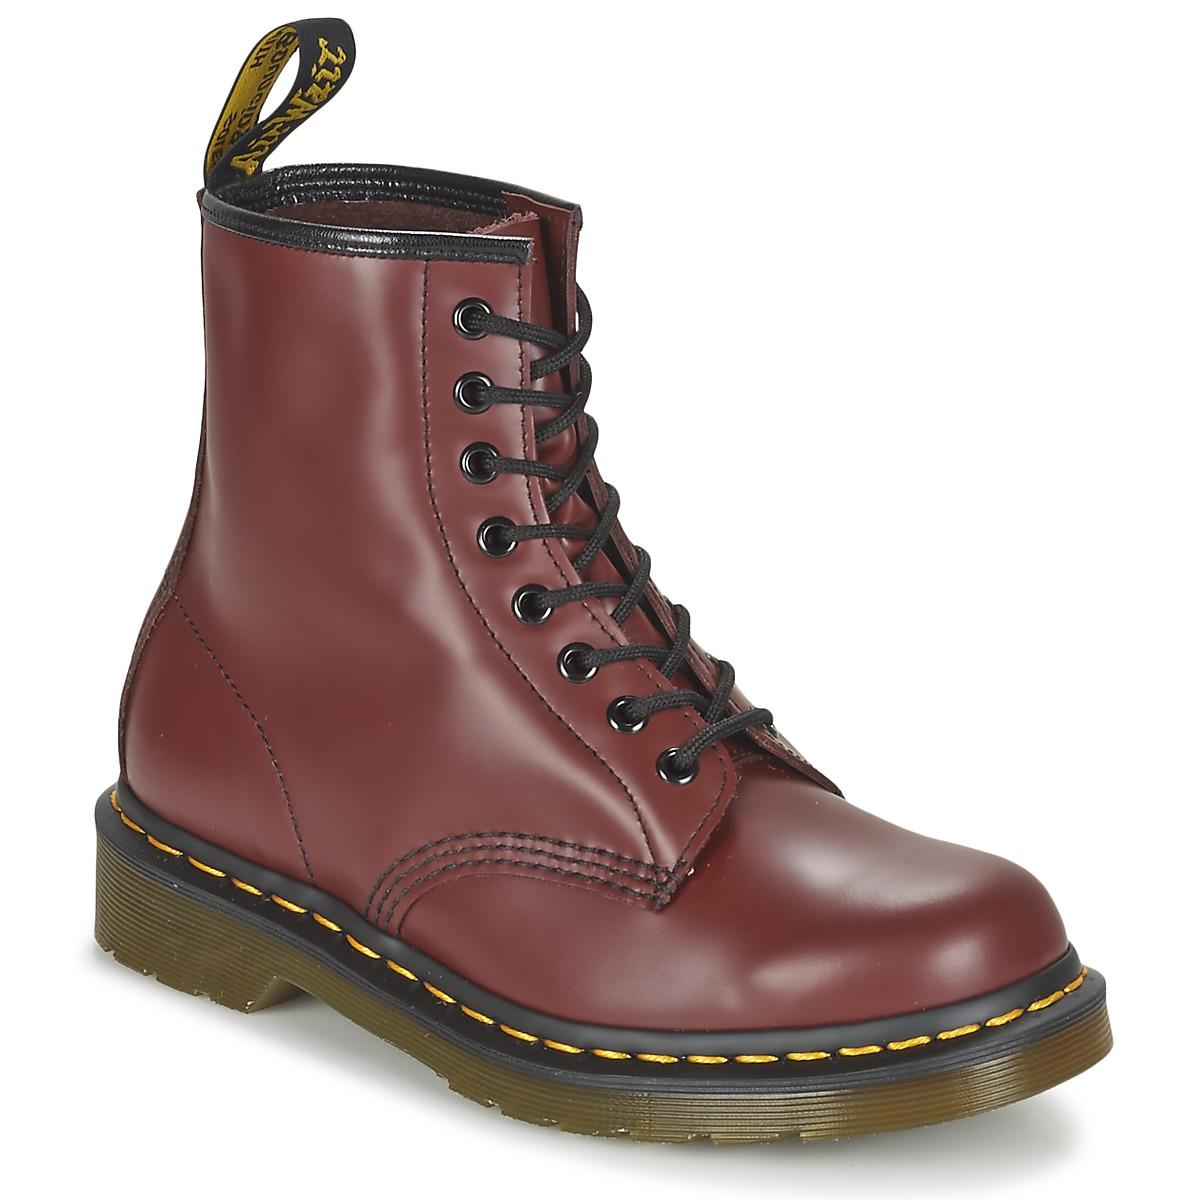 Dr Martens 1460 Rot - Kostenloser Versand bei Spartoode ! - Schuhe Boots  135,20 €